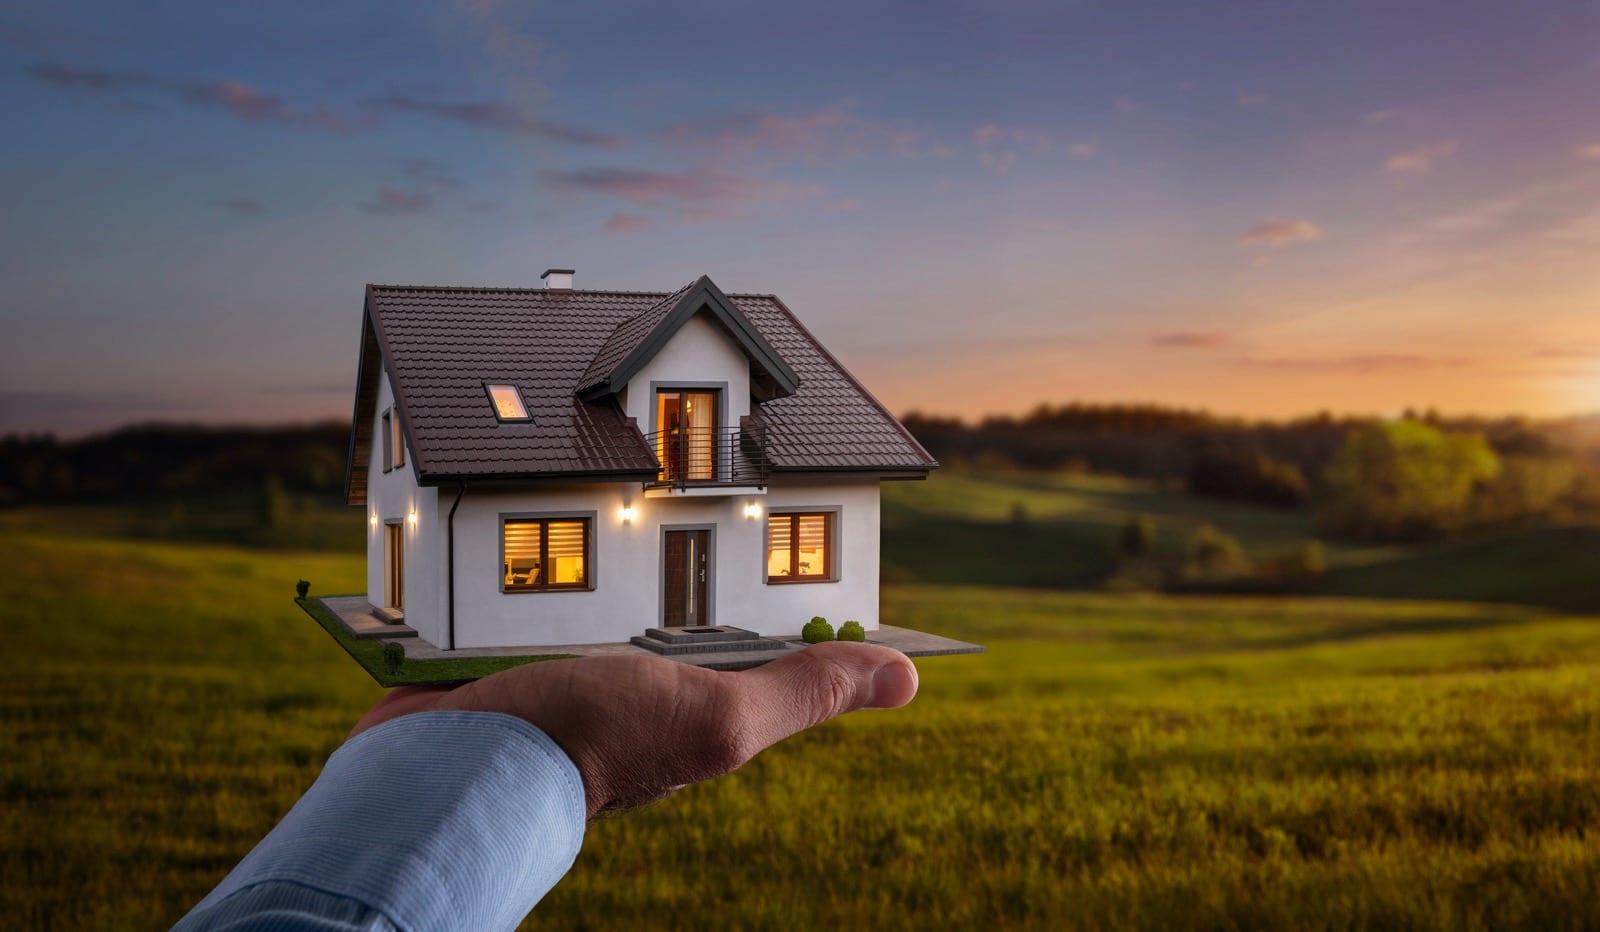 La revolución de las hipotecas: así puede acelerarse el proceso de solicitud de un préstamo hipotecario con APIs